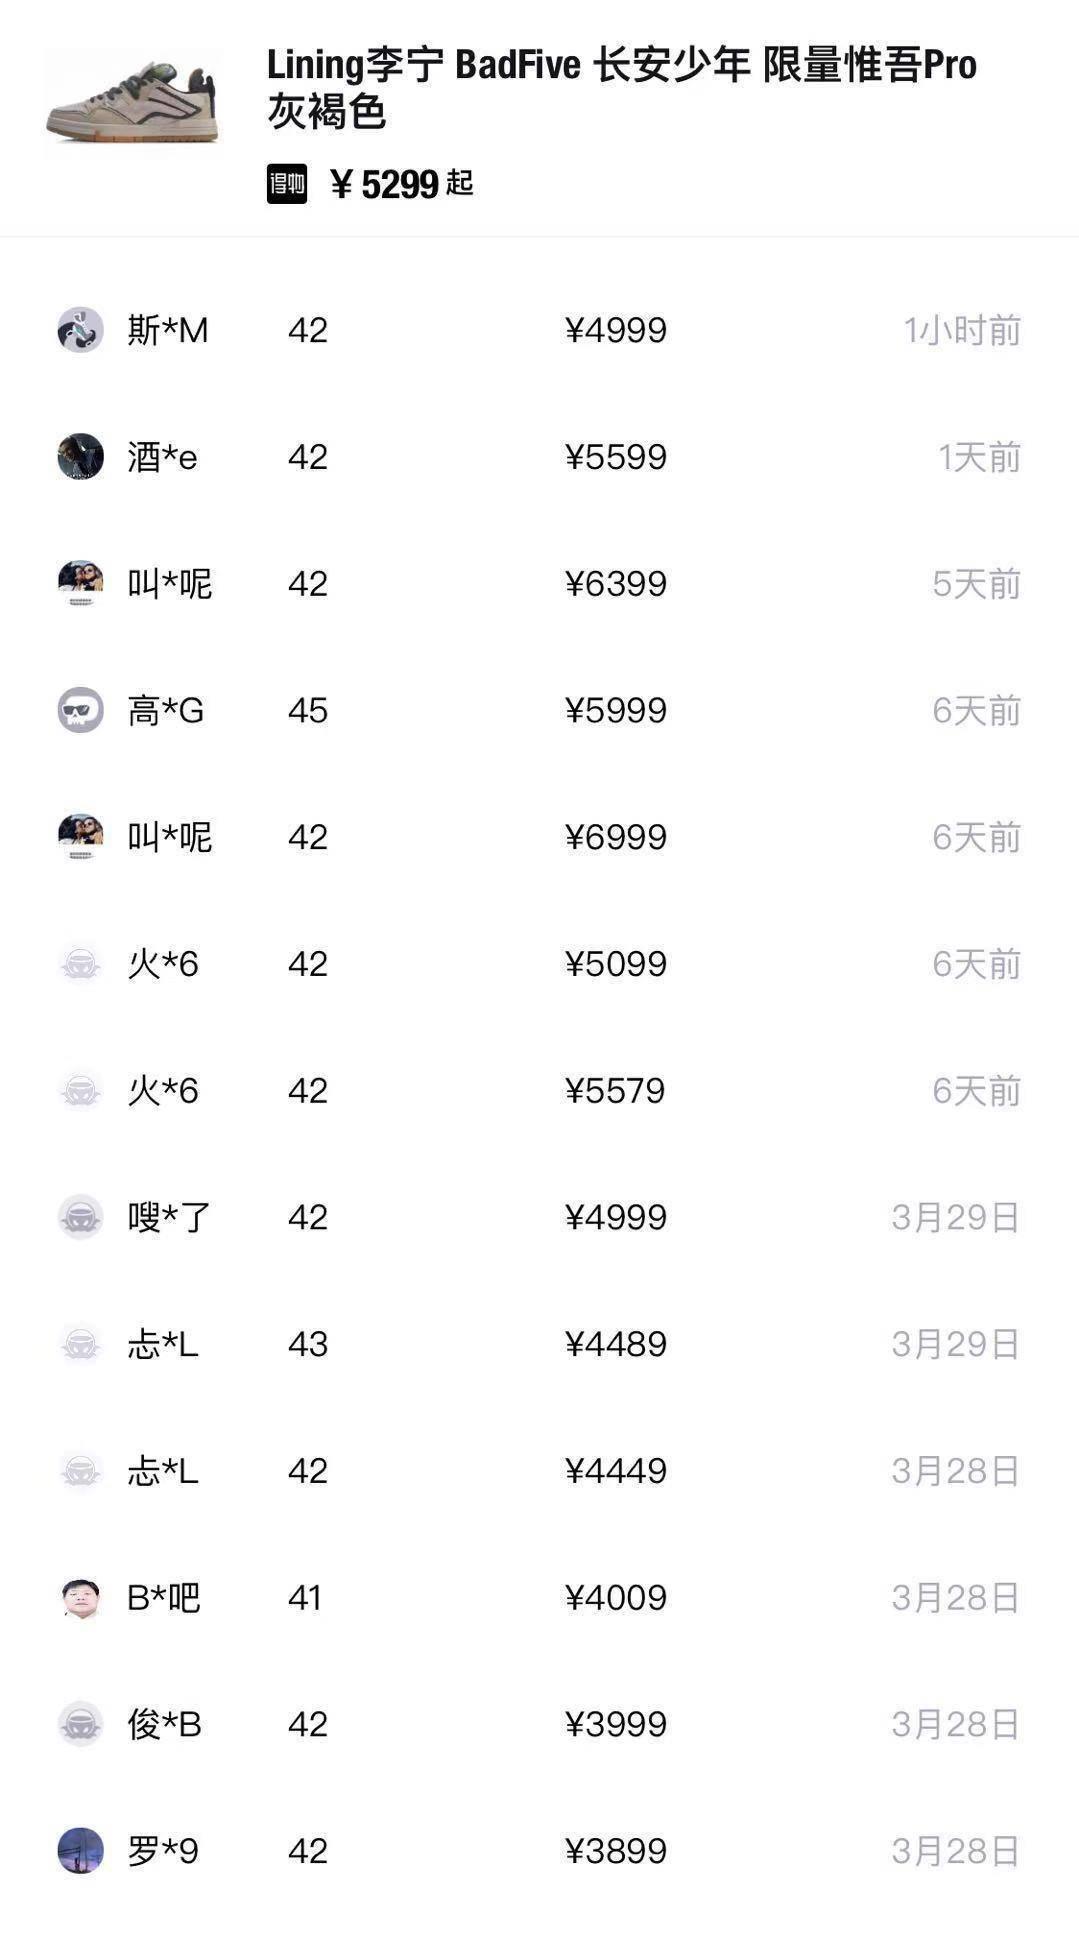 """国产鞋原价1500炒到49999?""""炒鞋""""当心""""鸡飞蛋打""""的照片 - 6"""